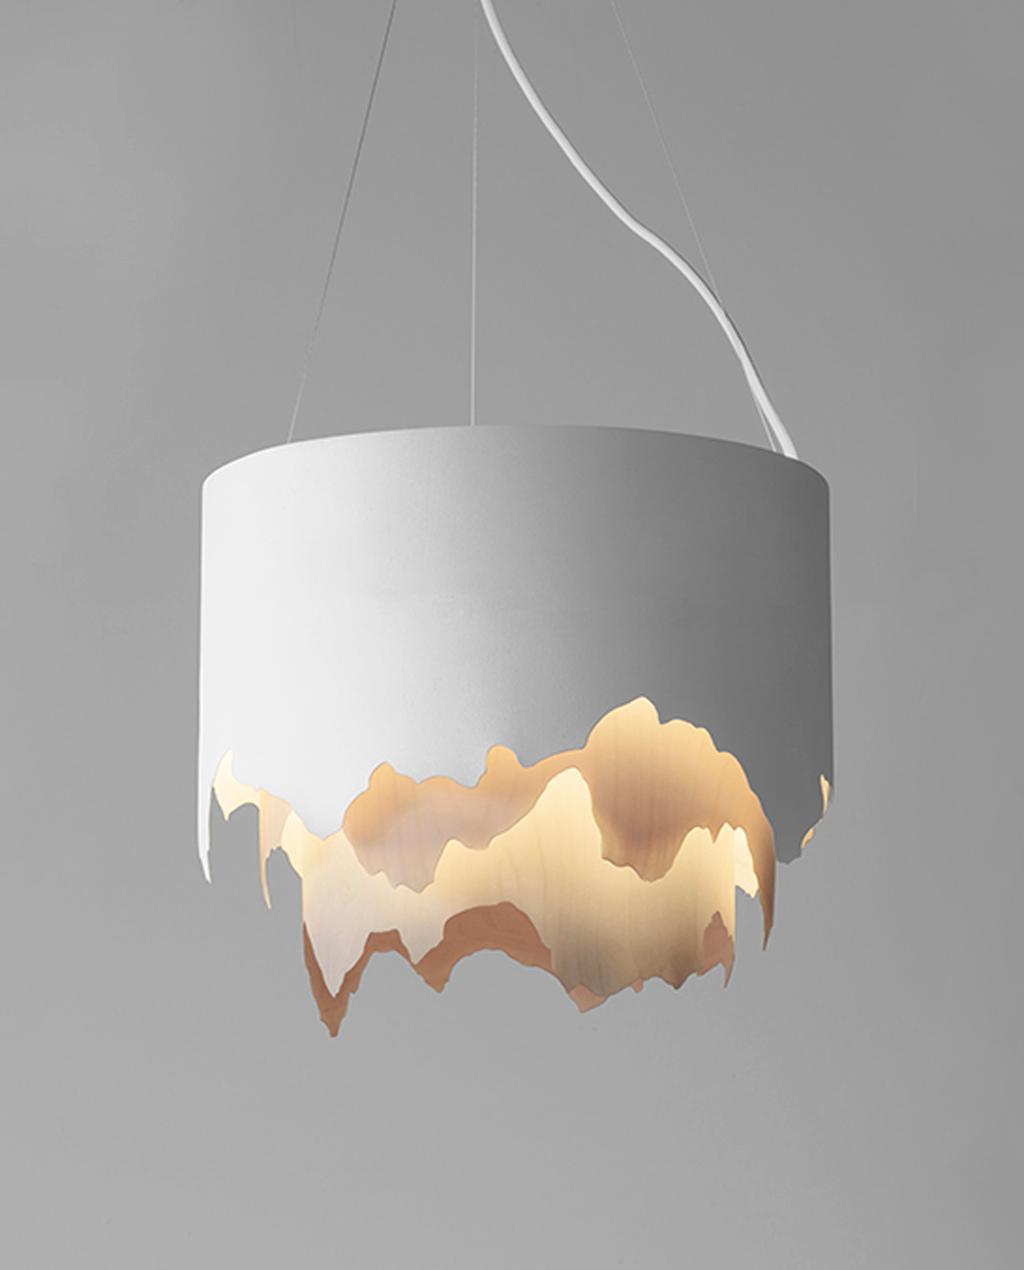 vtwonen studentdesign | hanglamp berglandschap scandinavisch design